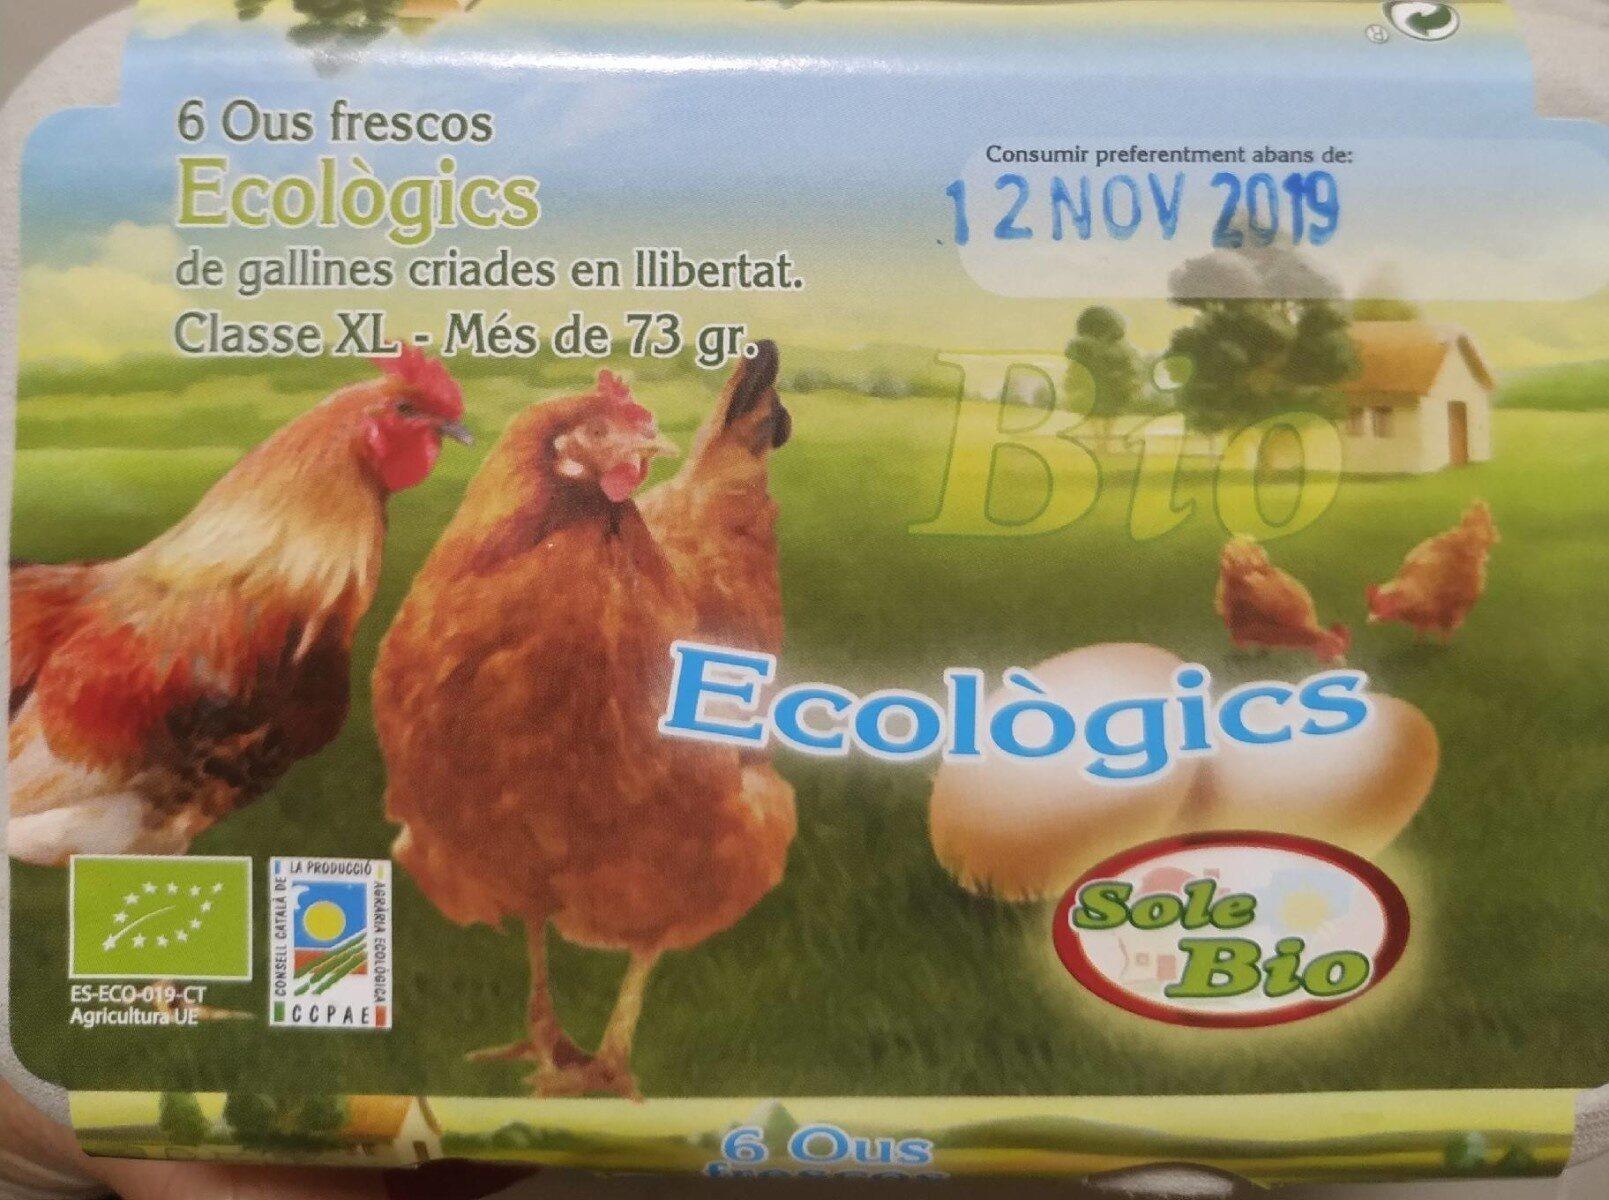 Huevos ecológicos clase xl - Nutrition facts - fr